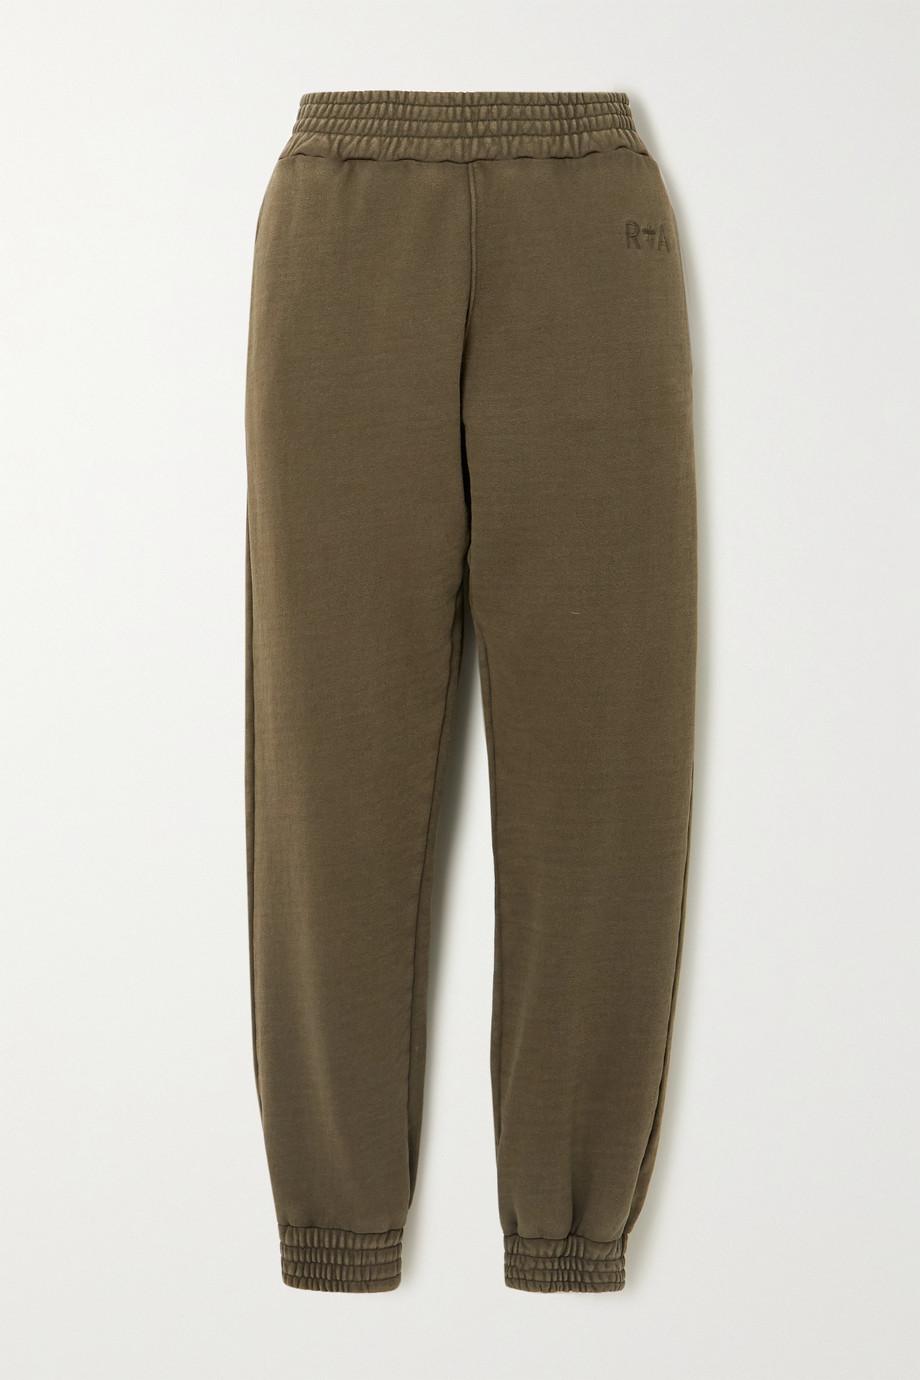 RtA Sydney cotton-jersey track pants